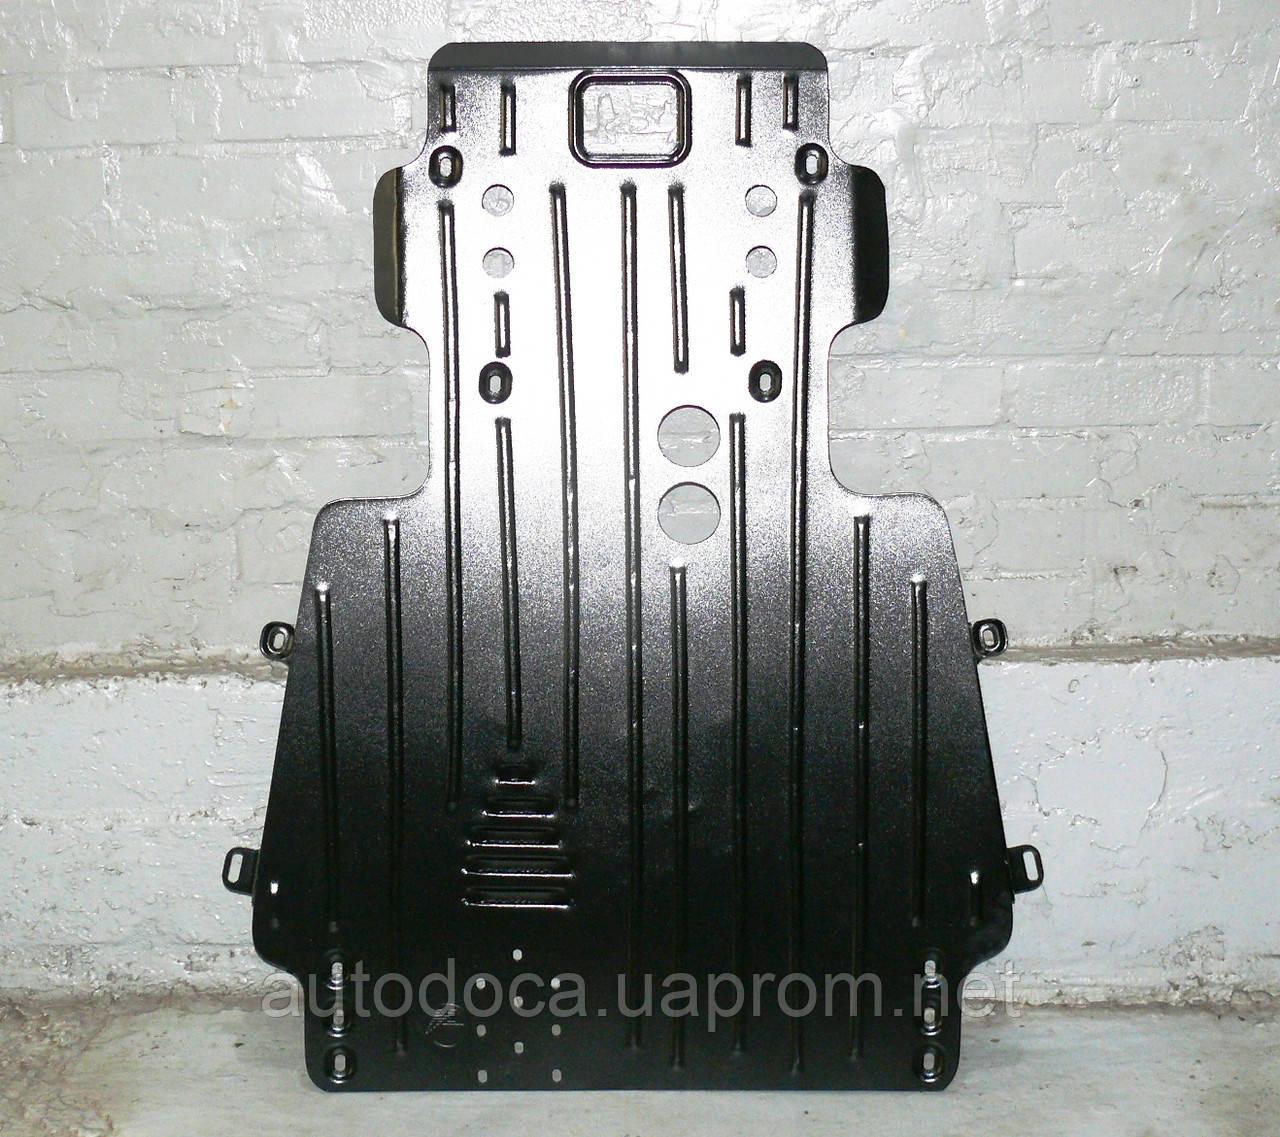 Защита картера двигателя и кпп Toyota Land Cruiser 100 1997-